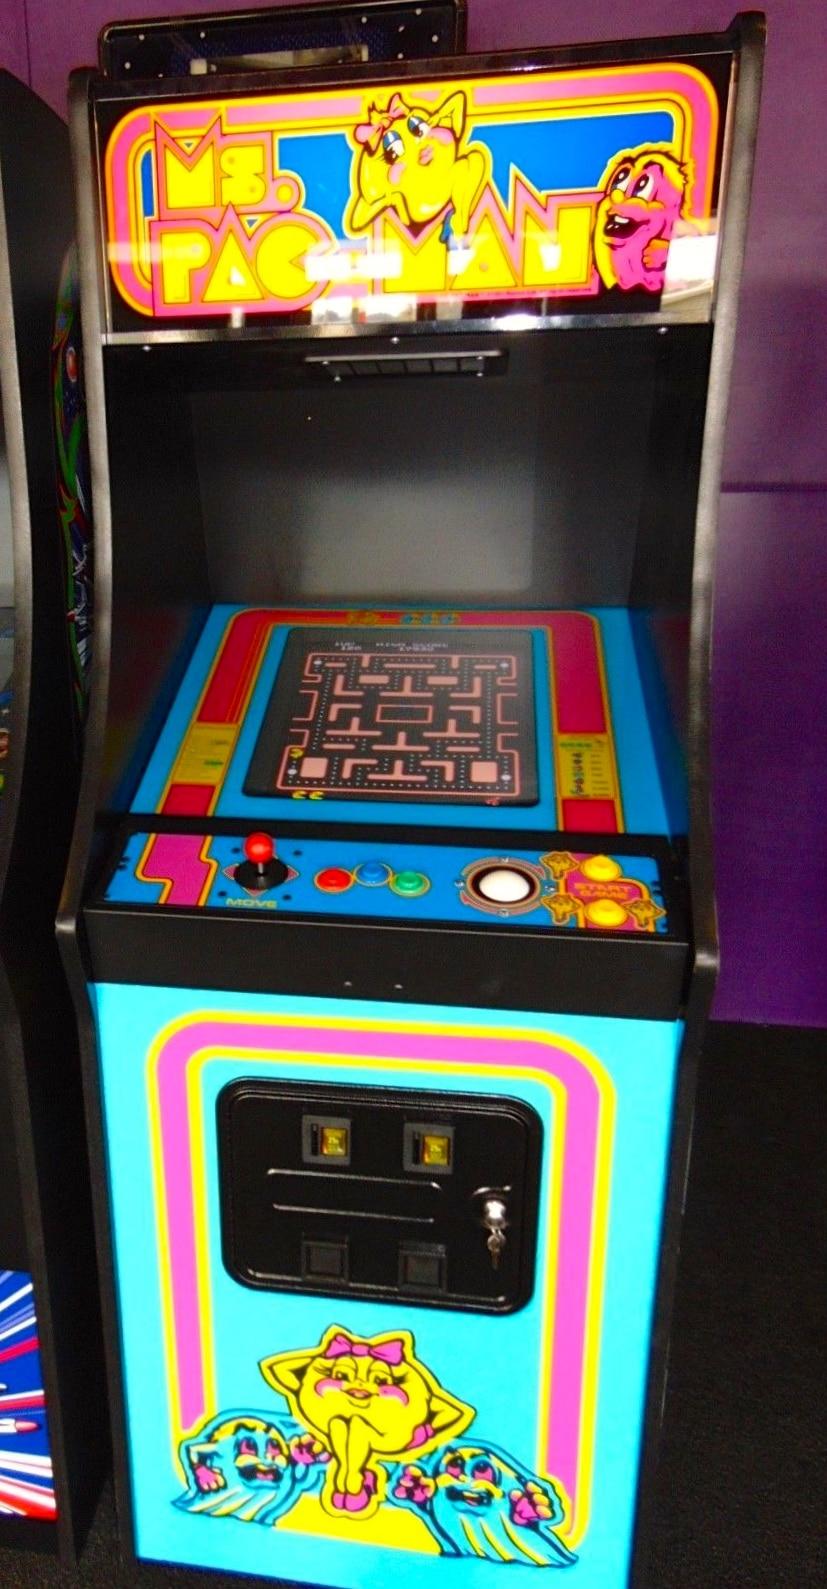 Free Arcade Games Online